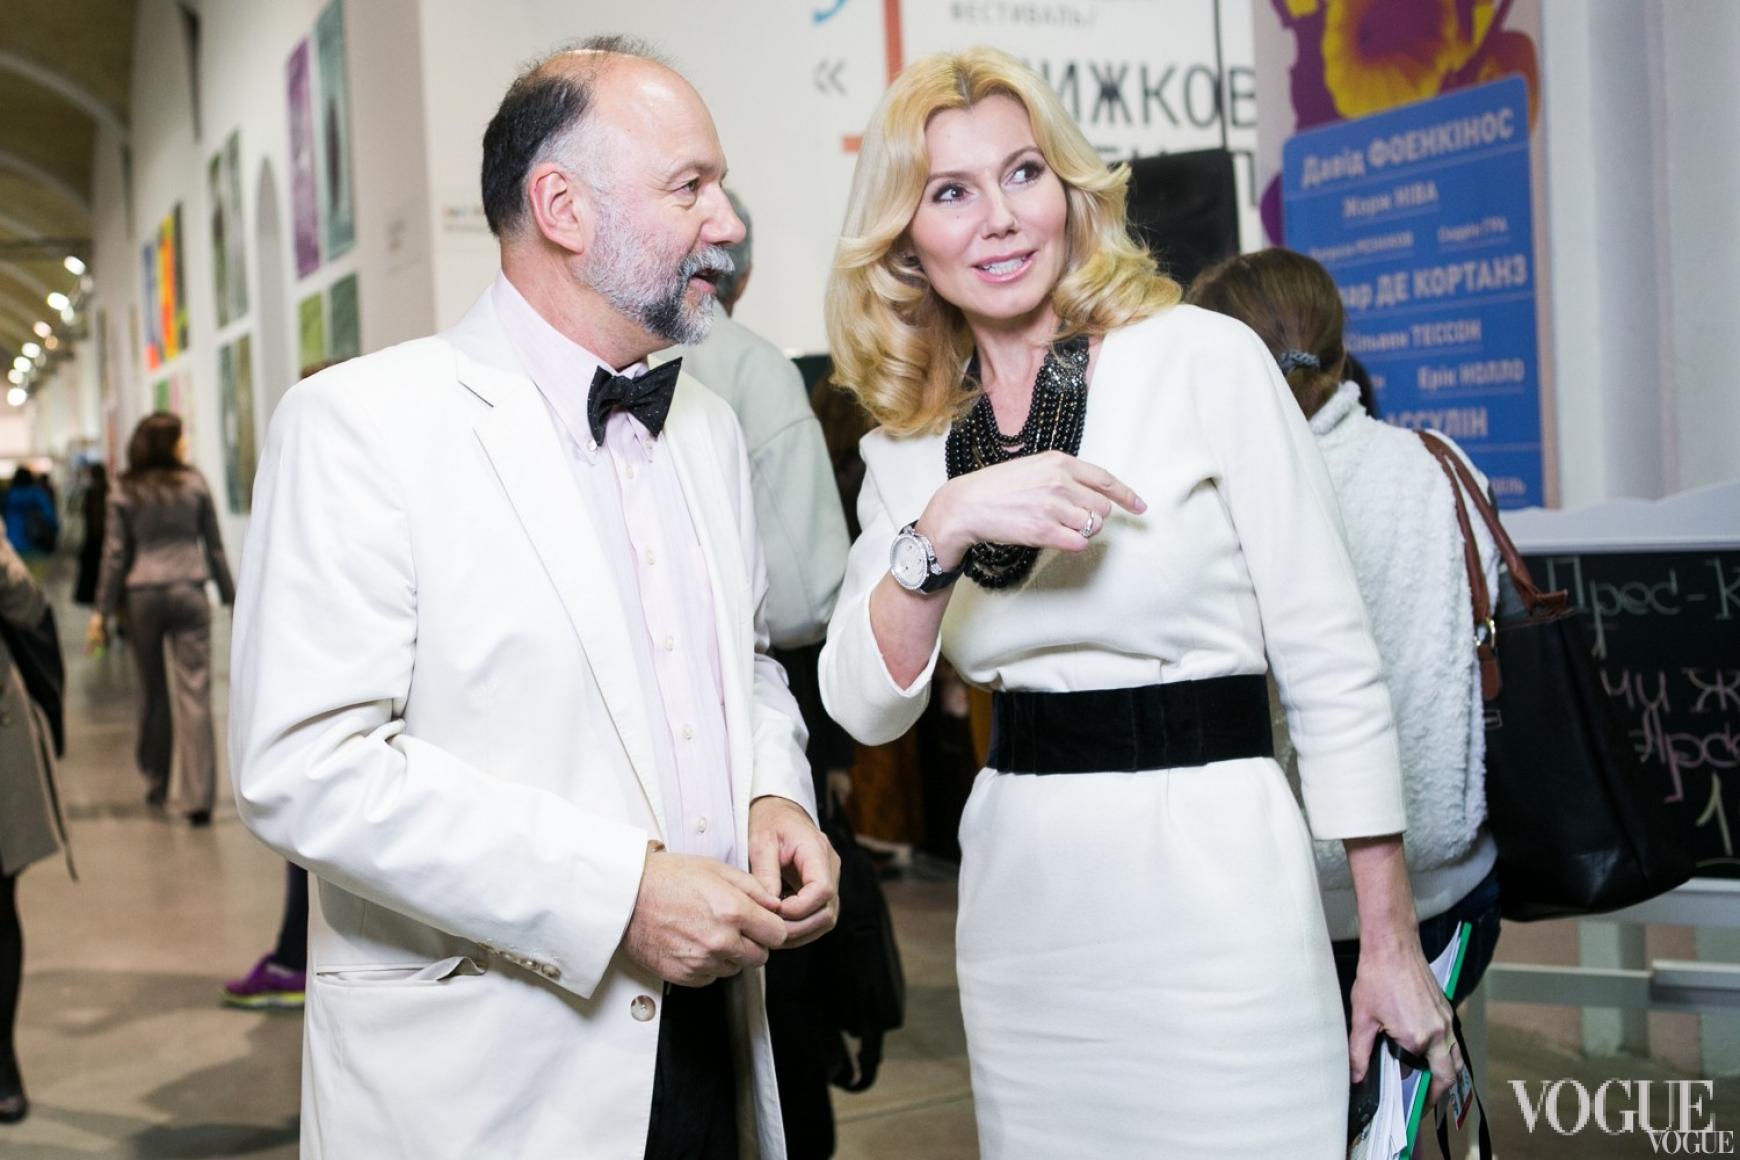 Андрей Курков и Наталья Заболотная